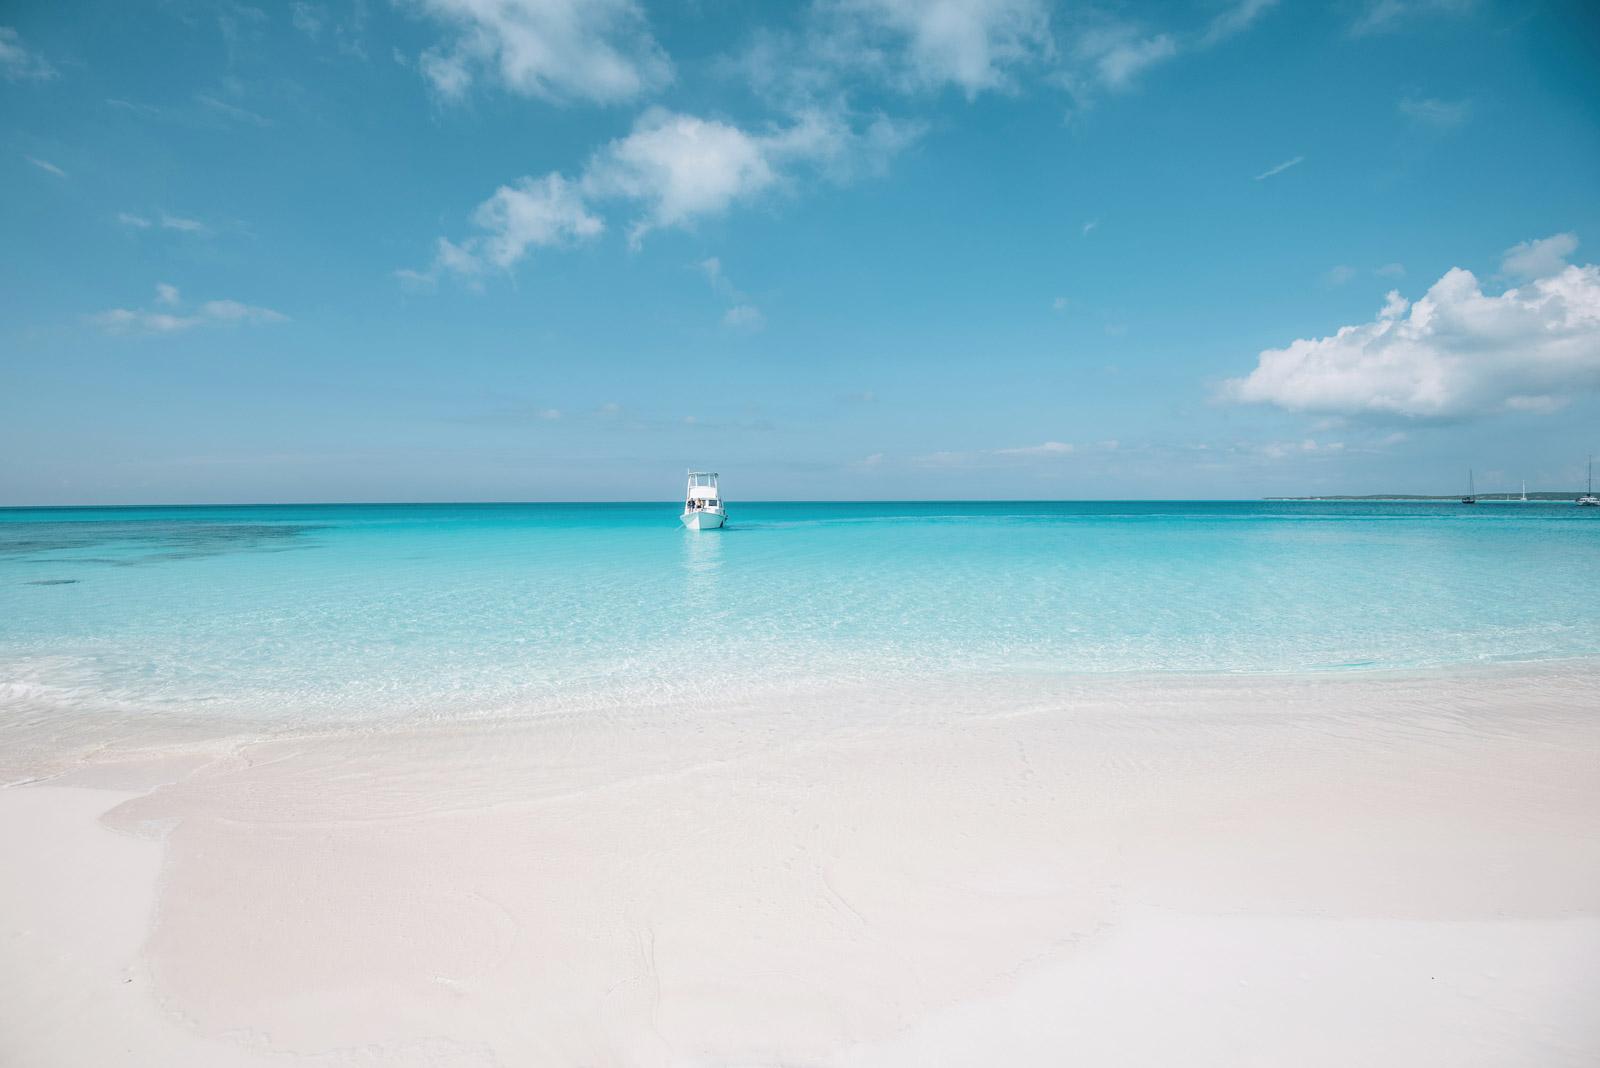 Plage du Cap Santa Maria, une des plus belle du monde, Long Island, Bahamas